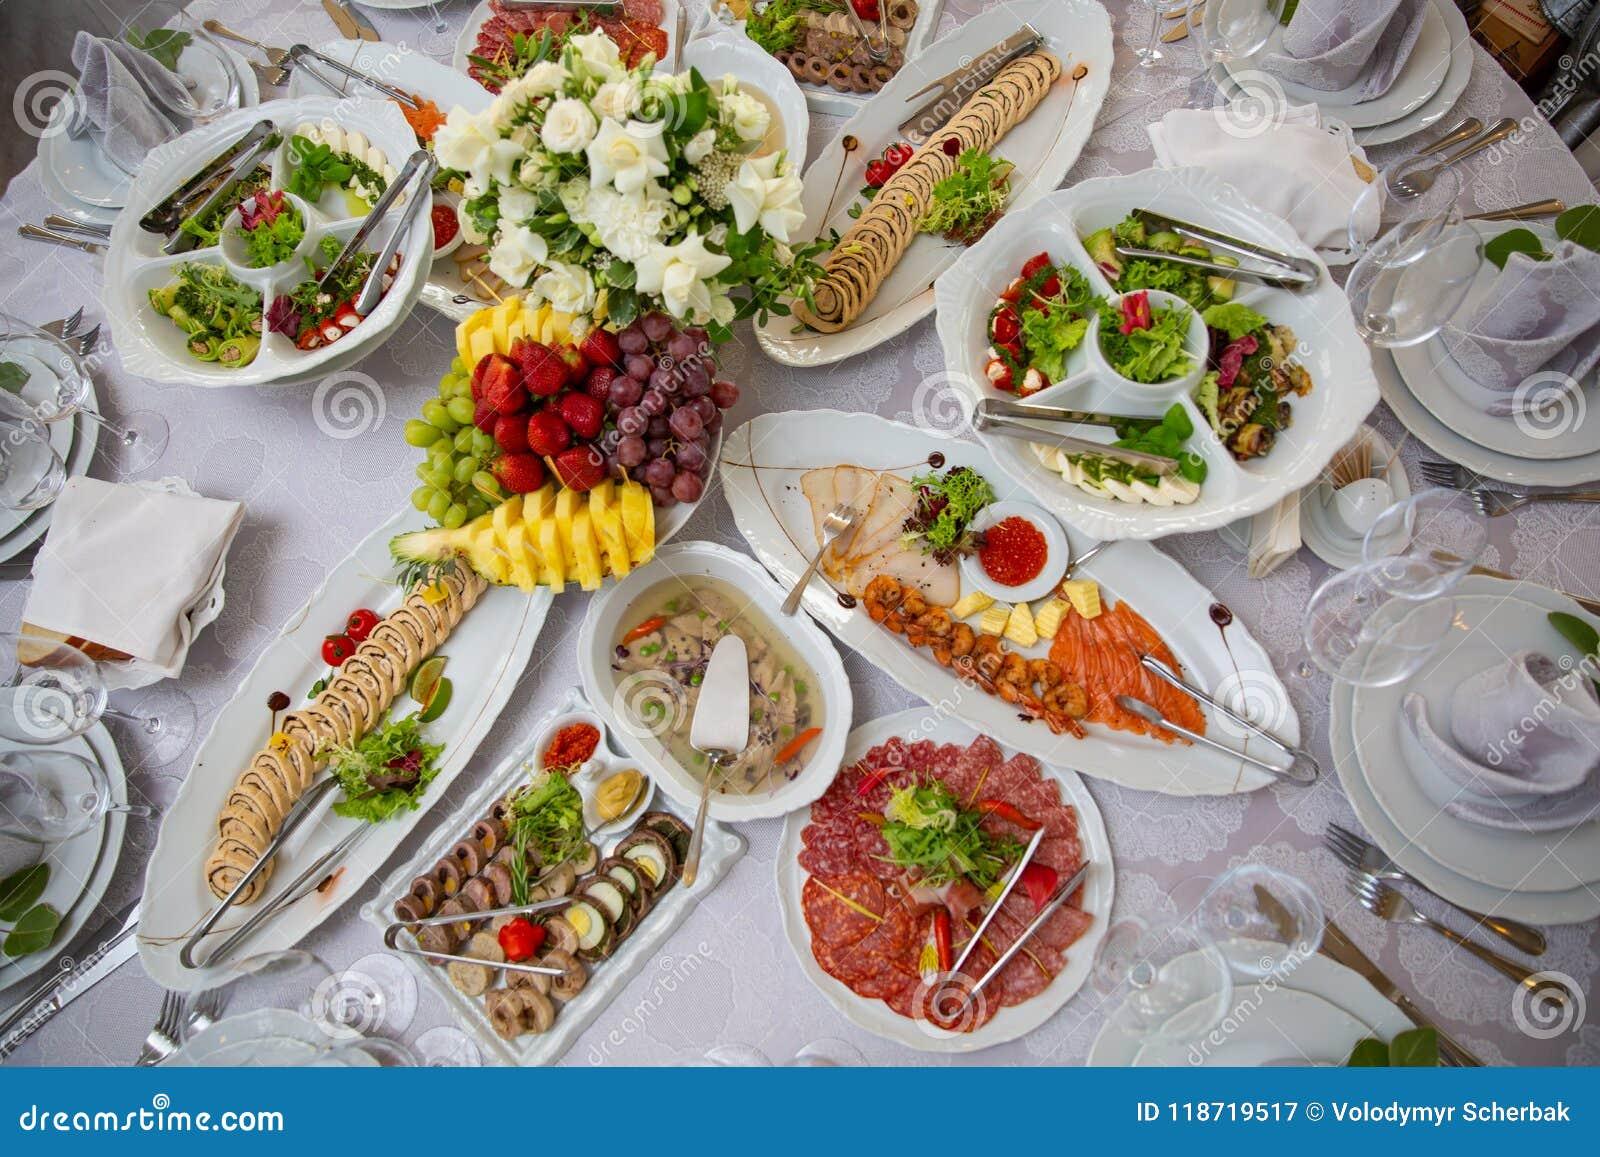 Buffetlijst van ontvangst met koude snacks, vlees, salades en vruchten